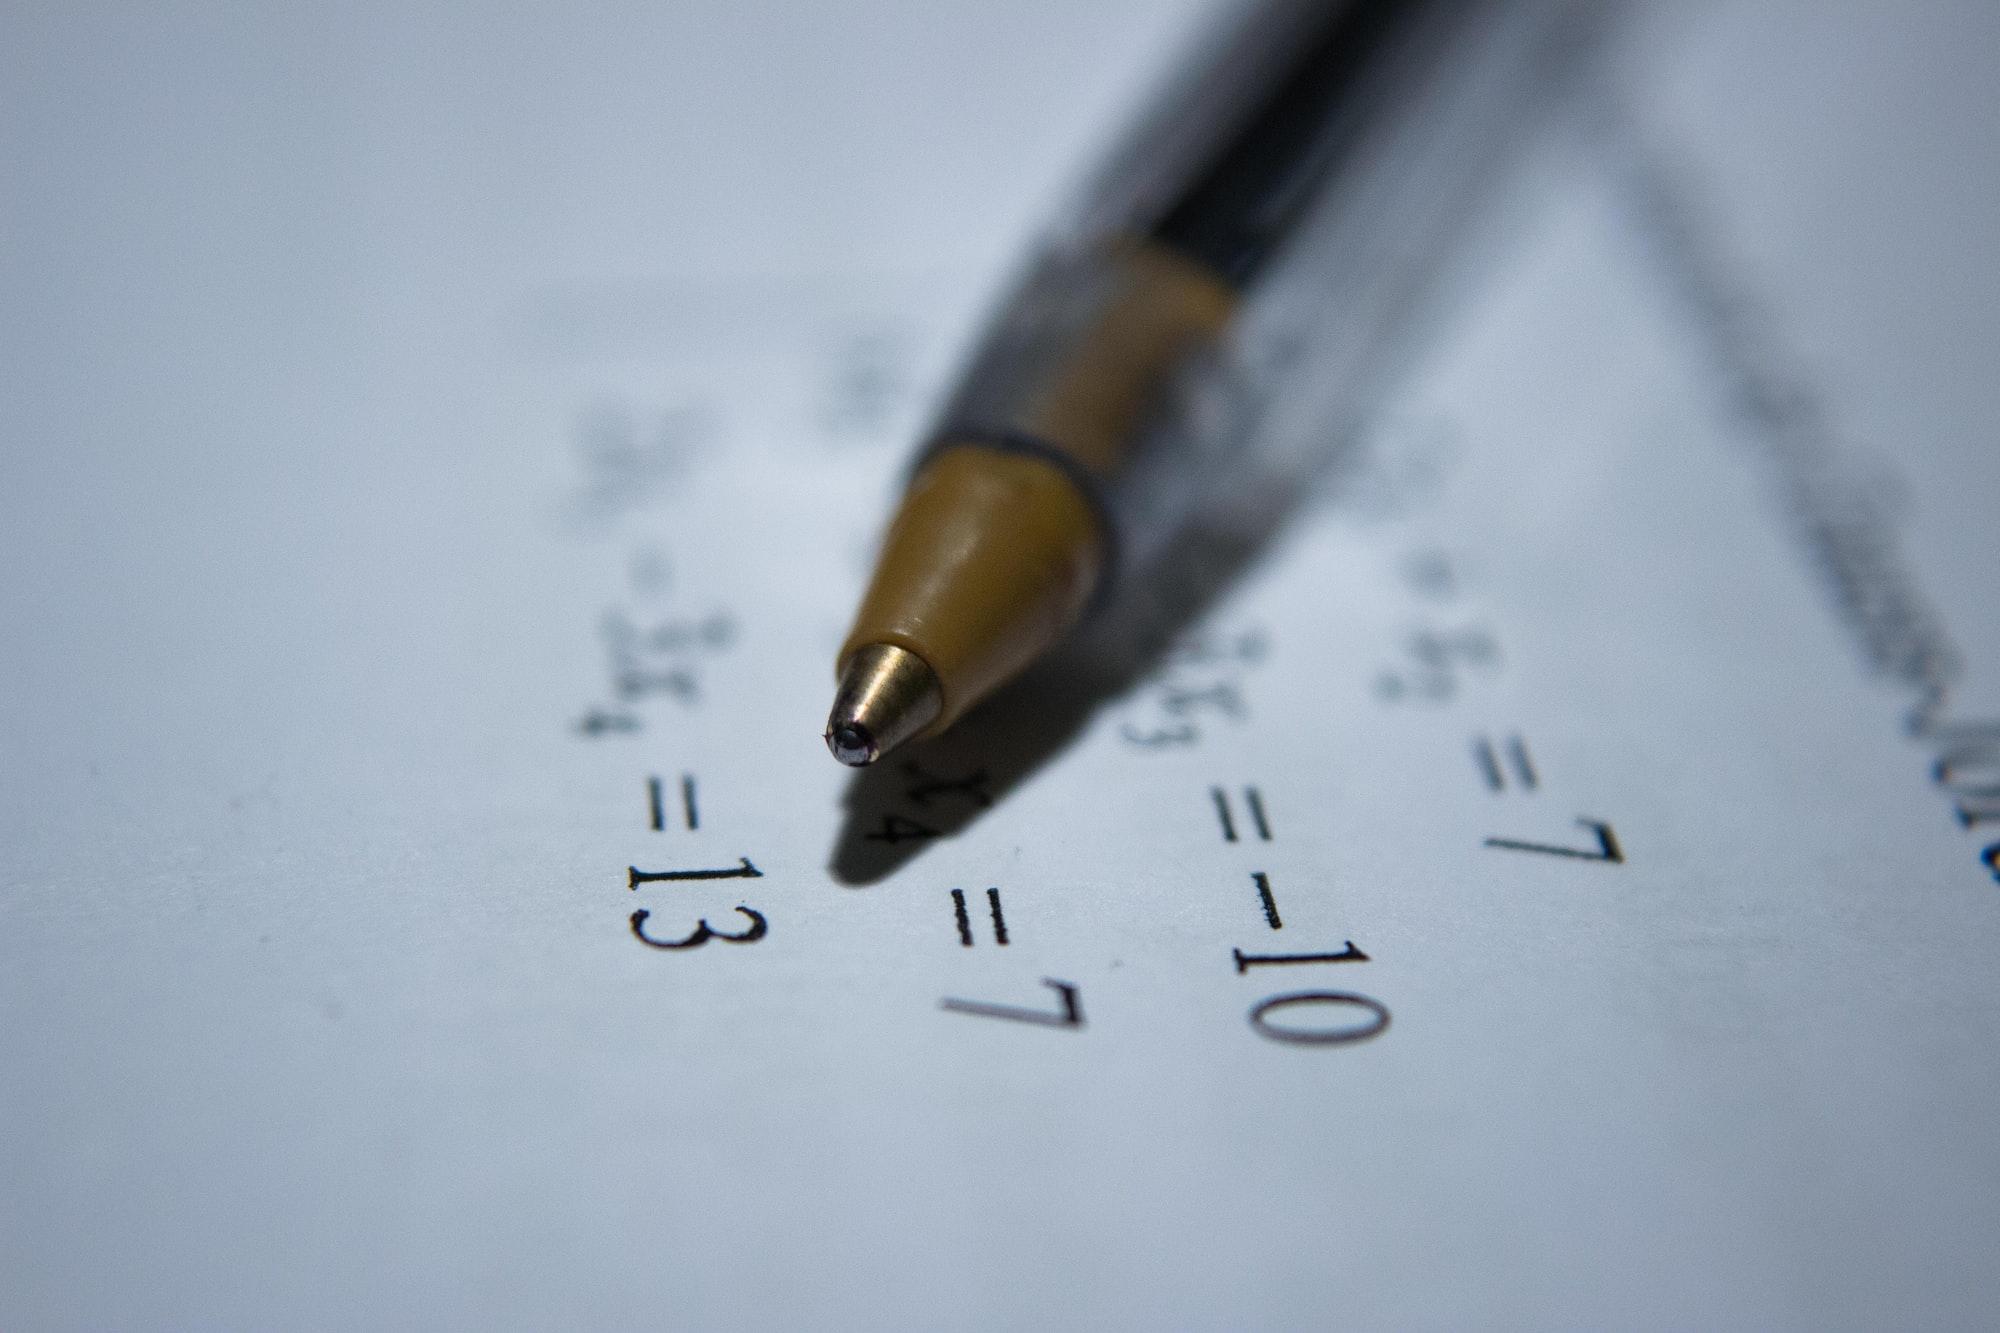 指定された桁数を指定された桁から抽出するPythonプログラム